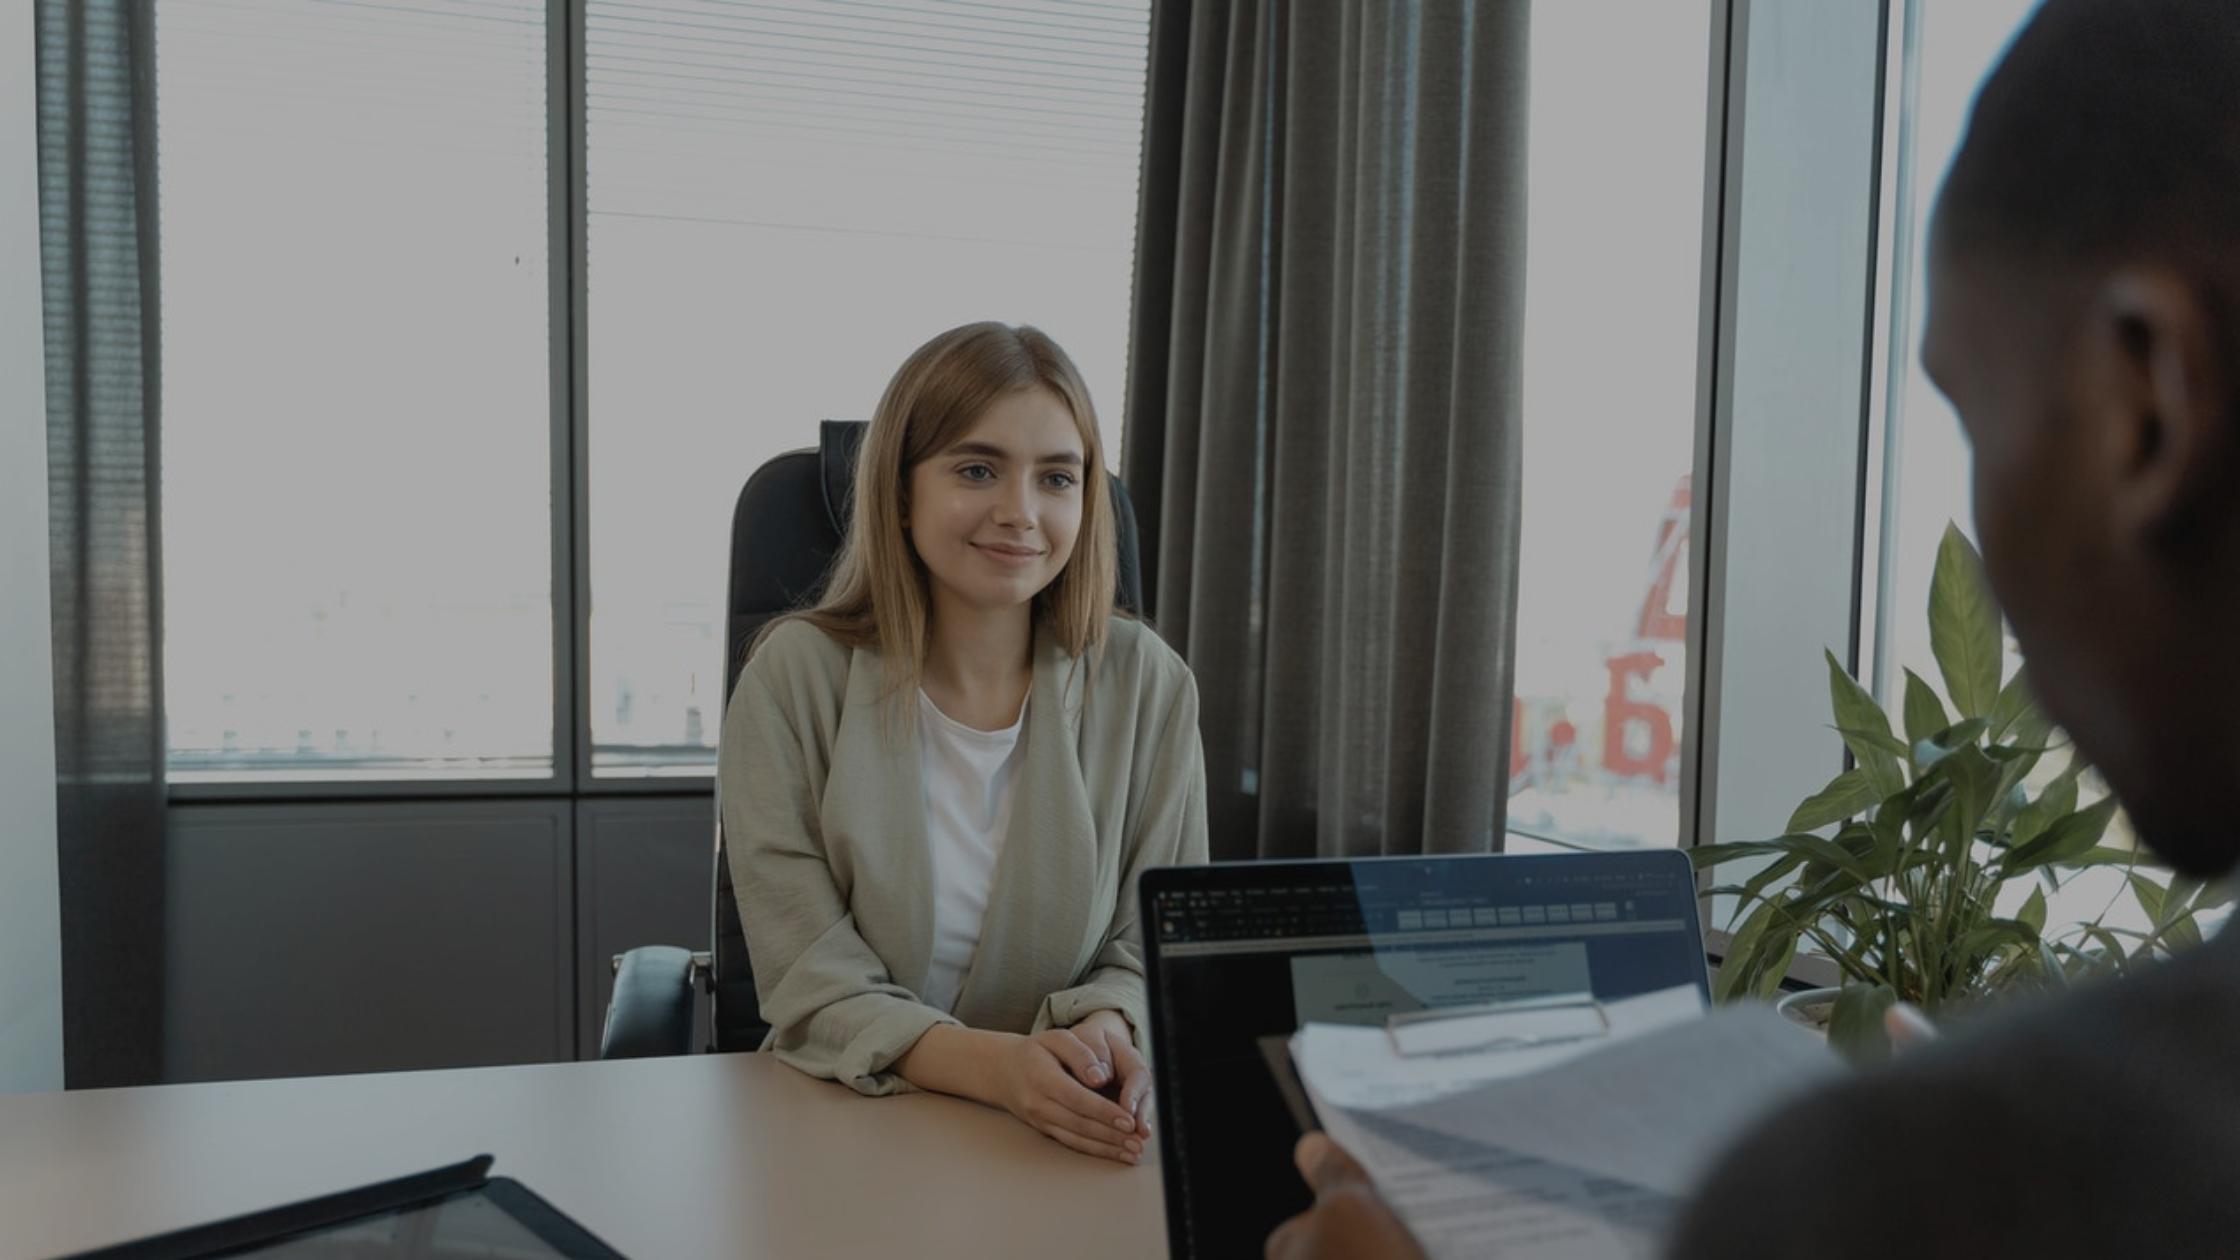 ¿Cómo contar tus logros laborales y académicos en una entrevista de trabajo?